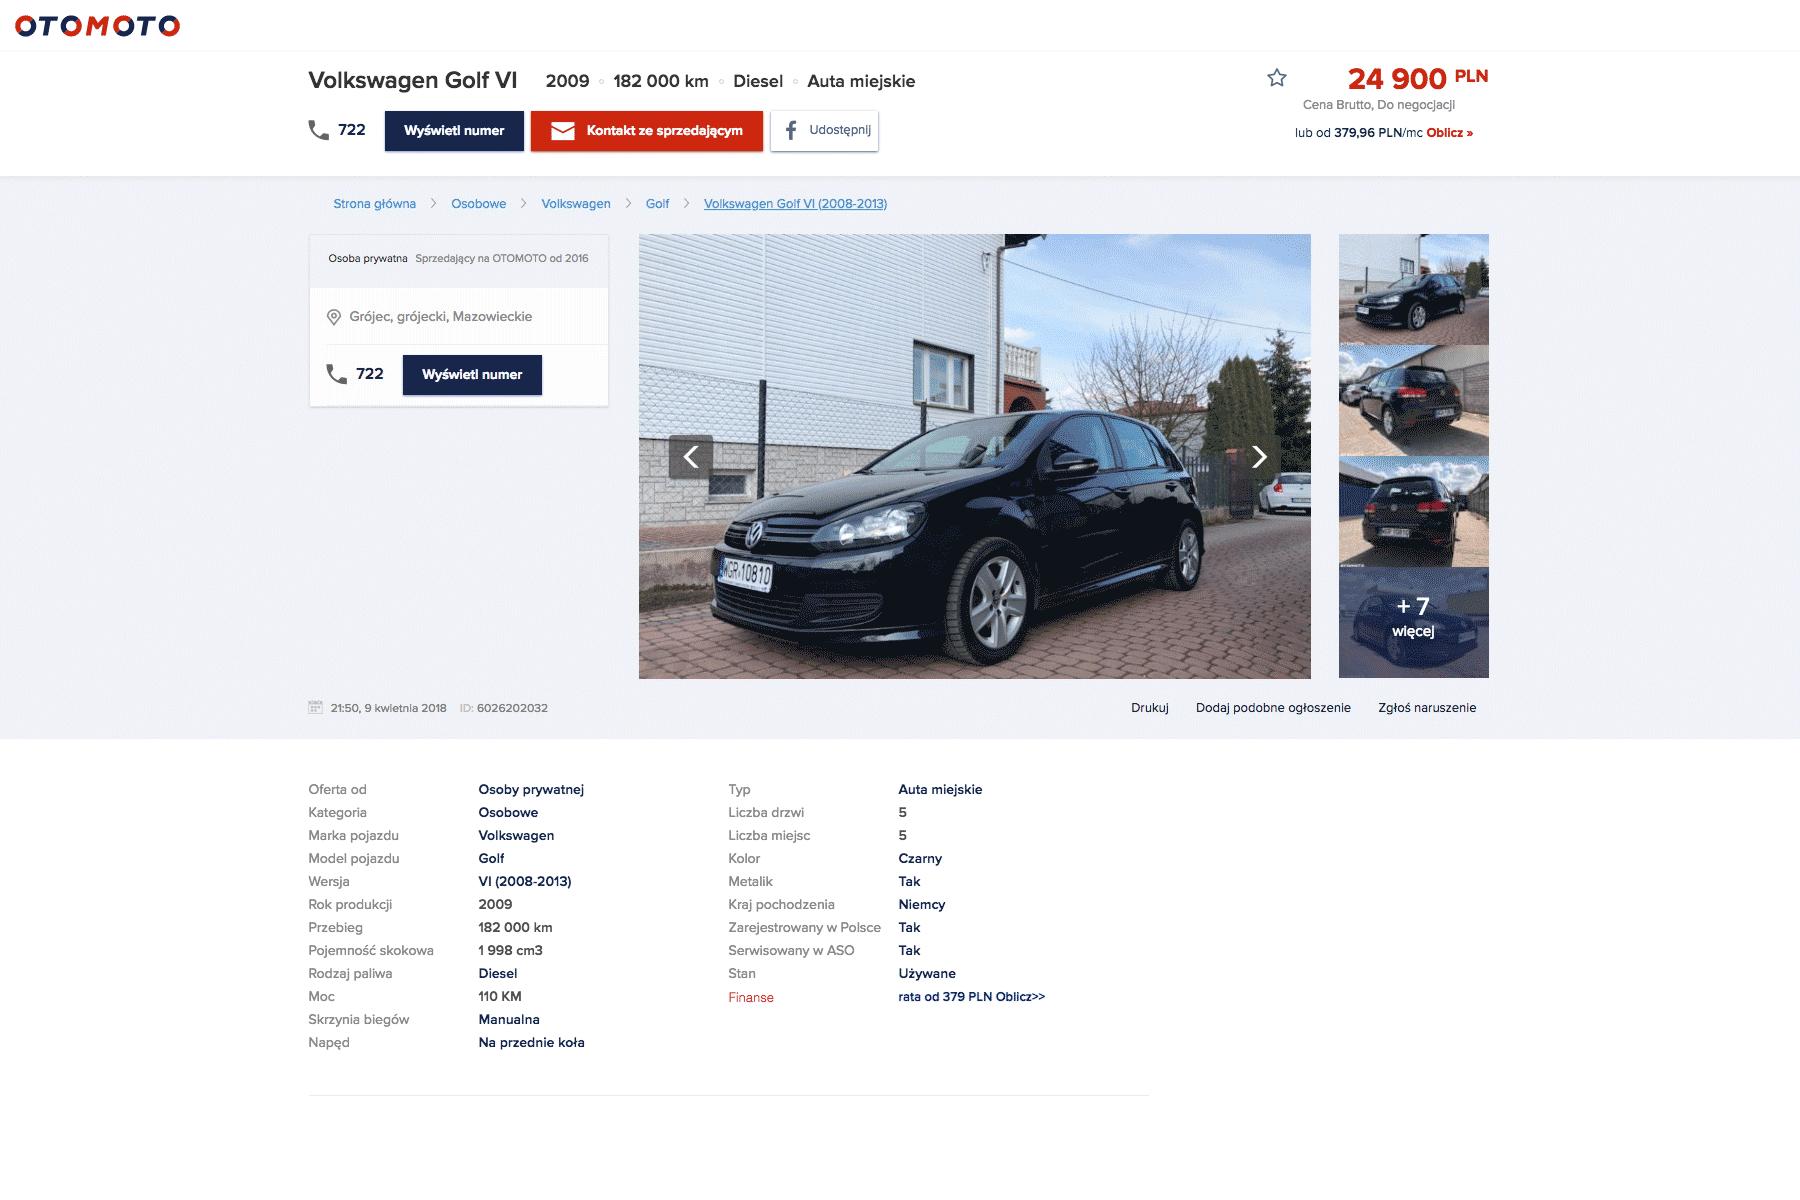 Подержанный Фольксваген Гольф 6 можно купить за 24 900 злотых (416 000<span class=ruble>Р</span>) на сайте Otomoto.pl